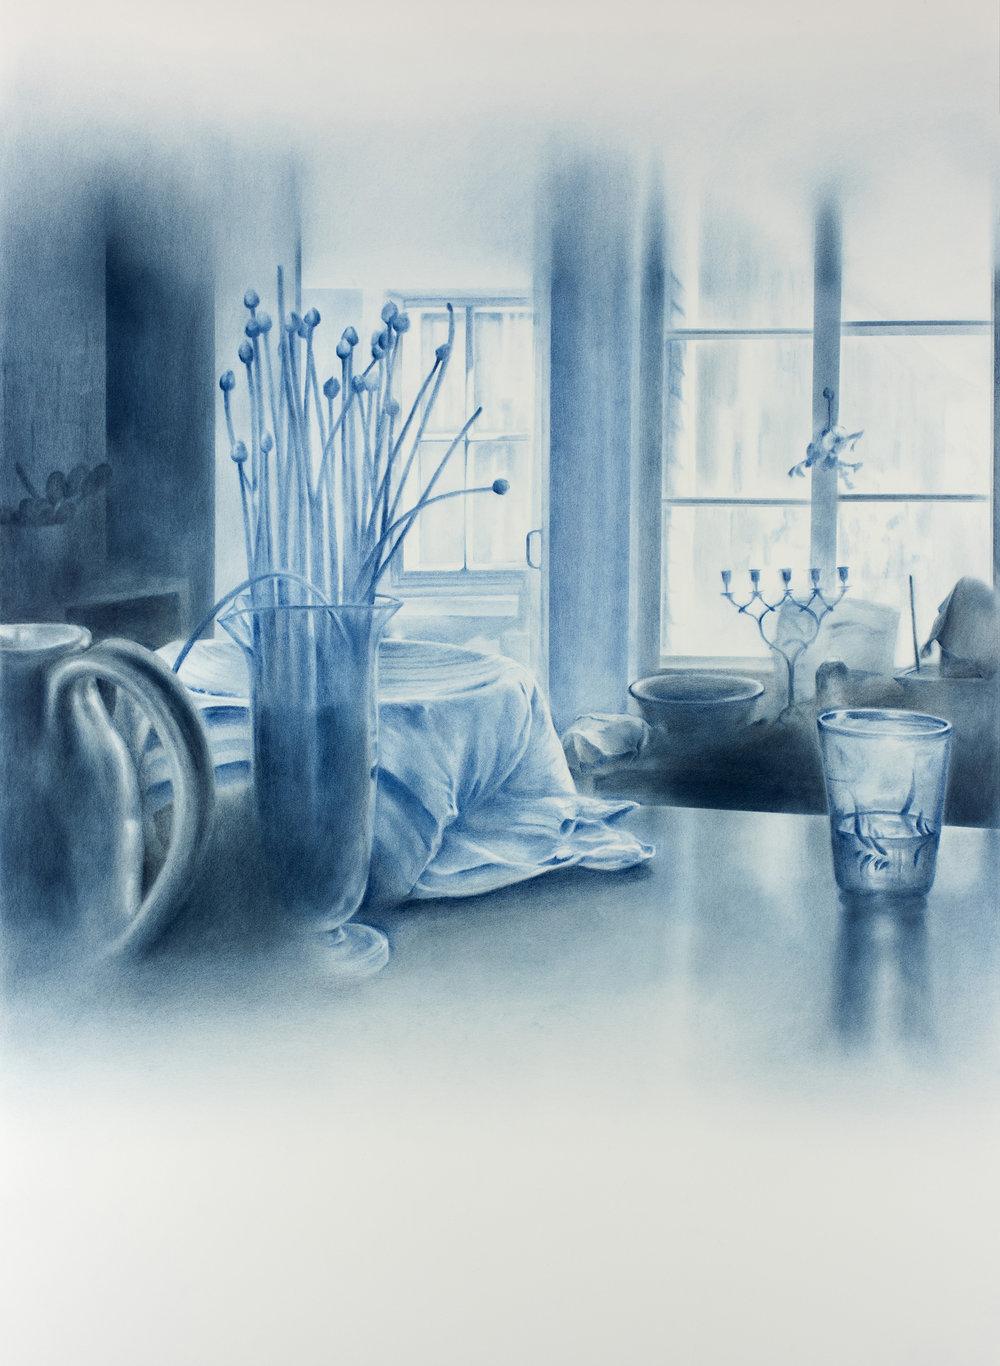 """Andréanne Godin,  Mémoire de rhubarbe et d'angélique, de la série 207 rang de l'Embarras , 2018, dry pigments on Arches paper, 45"""" x 31"""" (114 x 79 cm)"""